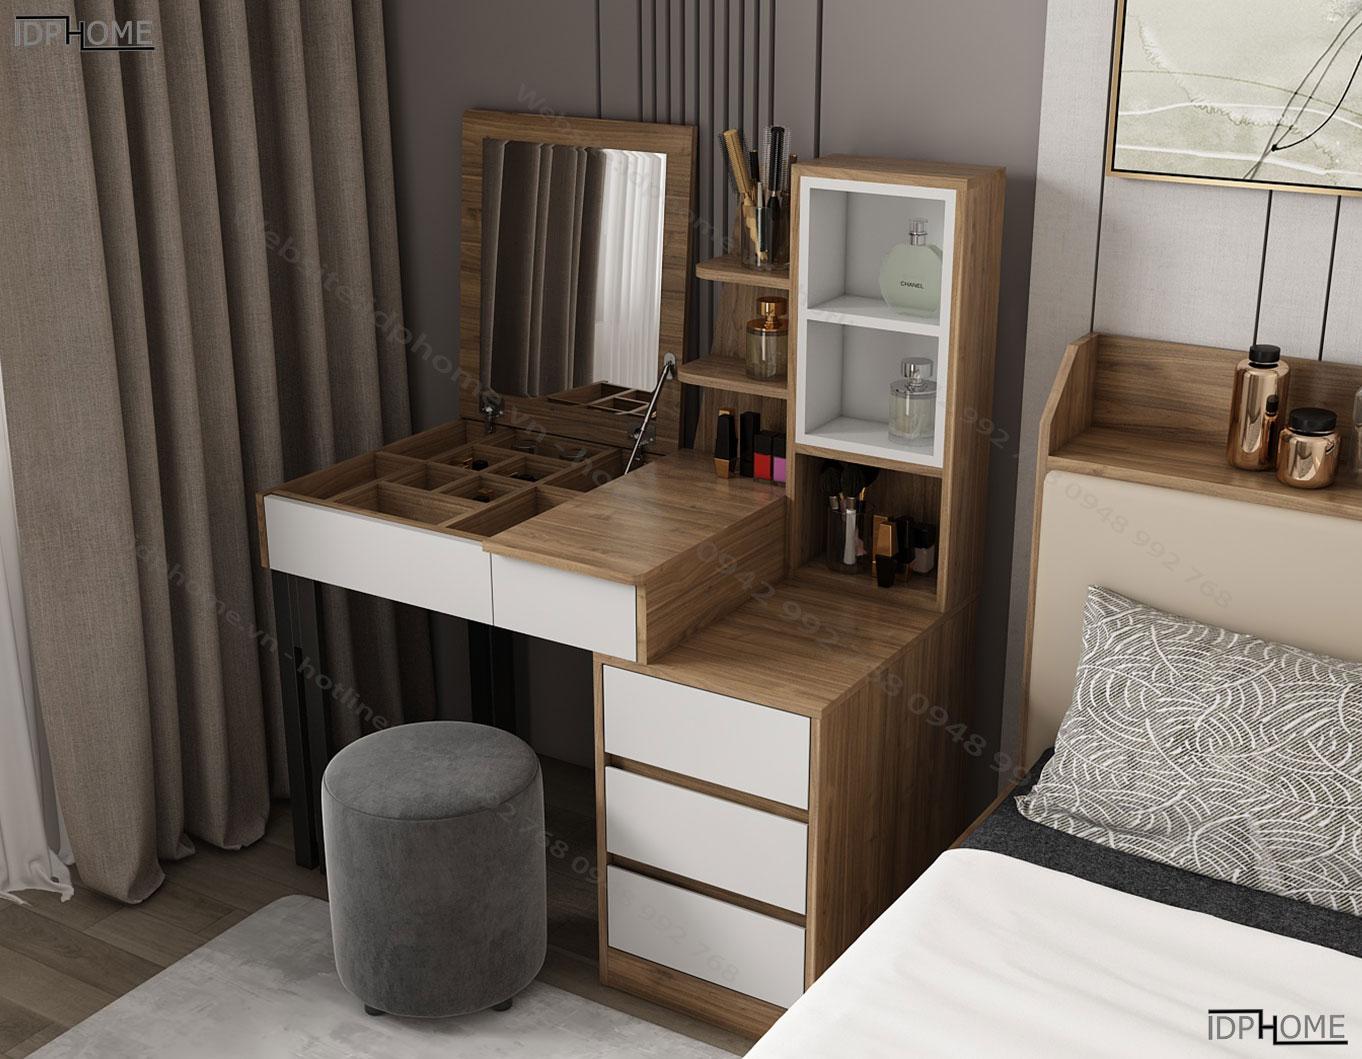 Mẫu bàn trang điểm gỗ đẹp BP6818